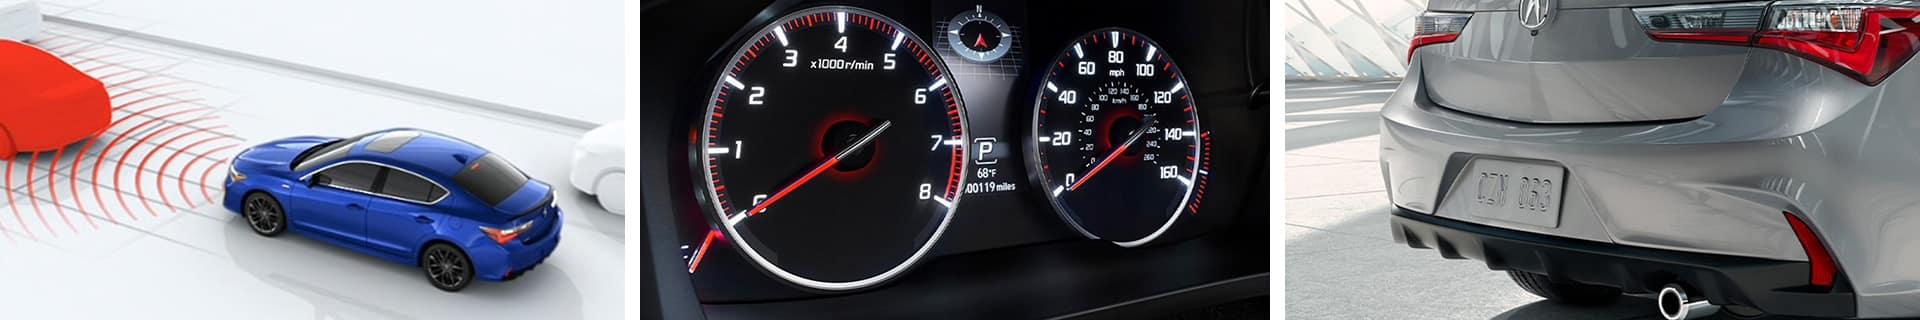 2020 Acura ILX For Sale Chicago IL | Naperville